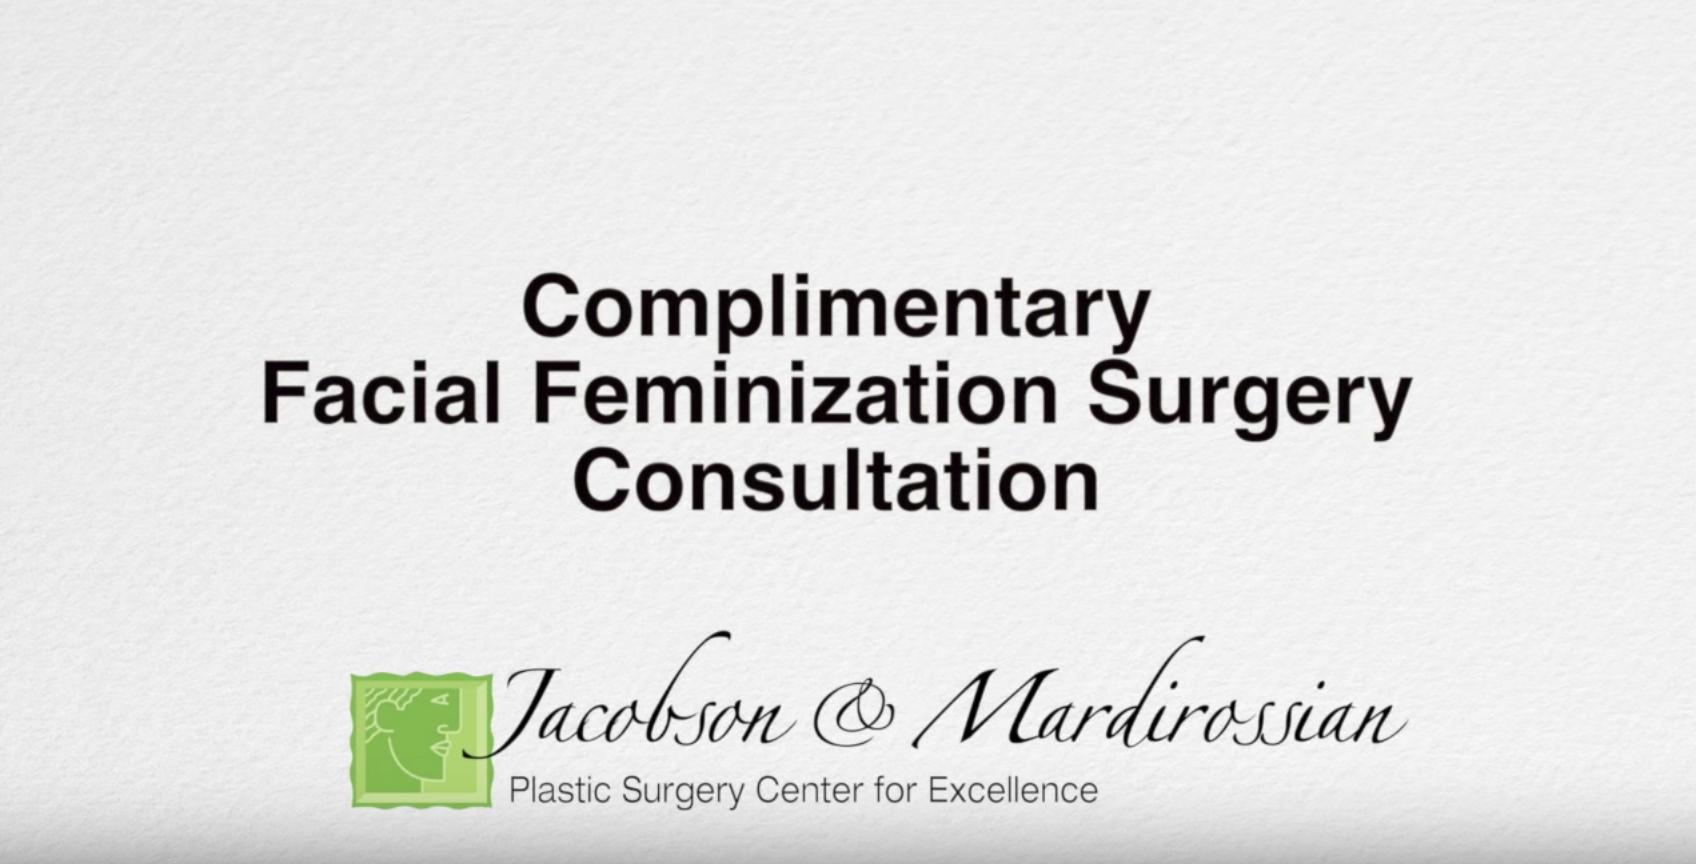 Free Facial Feminization Surgery Consultation